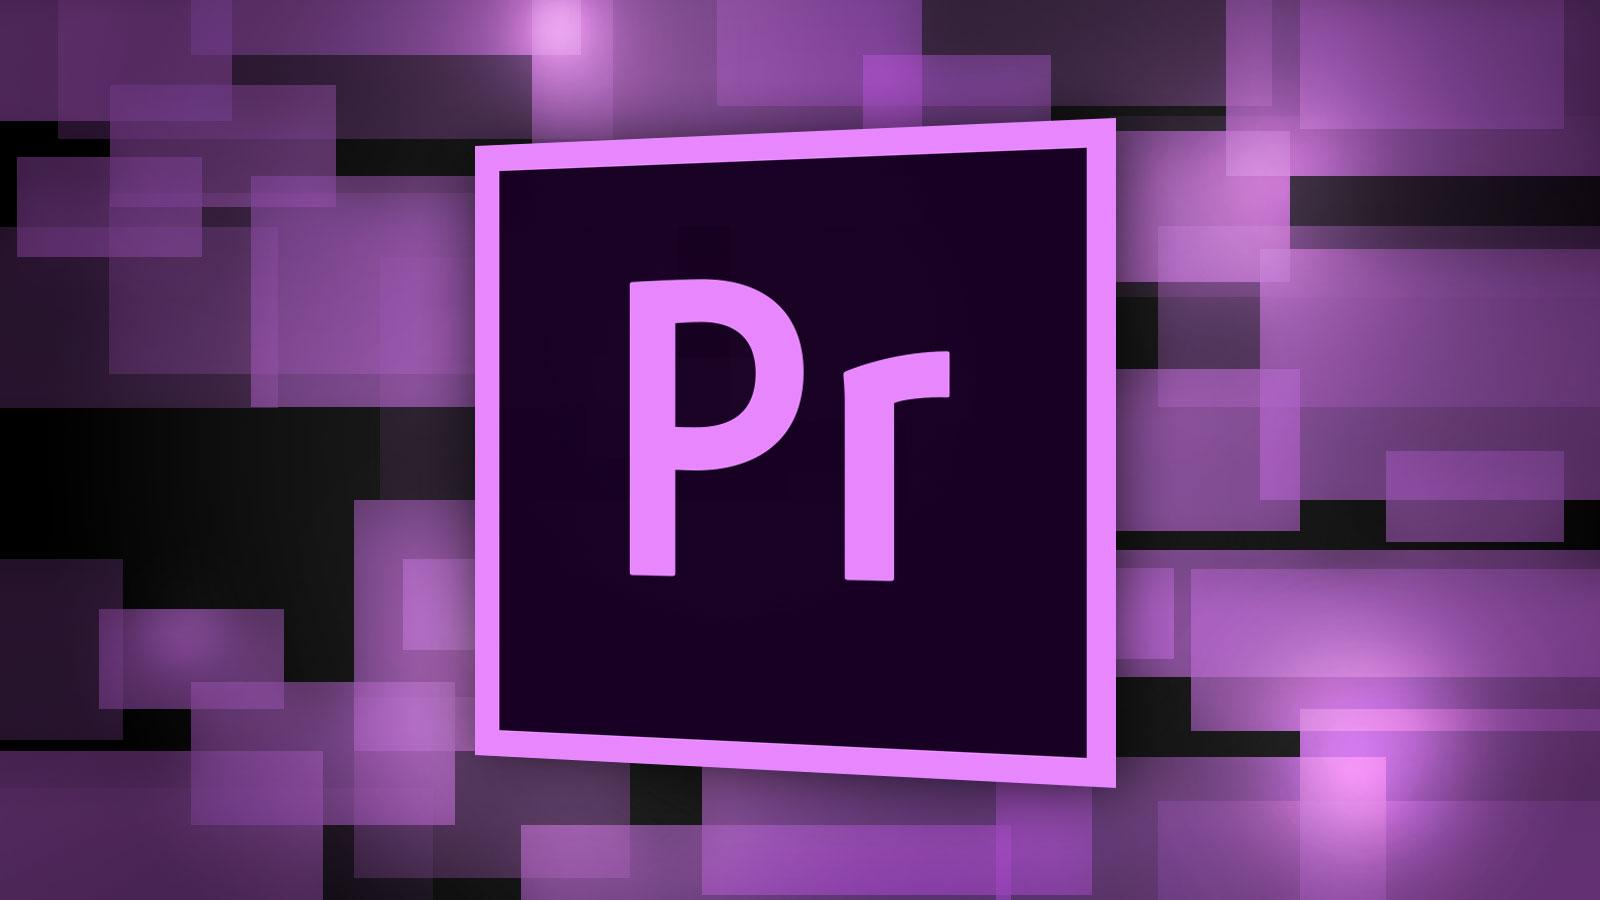 Hướng dẫn cài đặt và kích hoạt Adobe Premiere Pro CC 2019 từ nhà phát hành